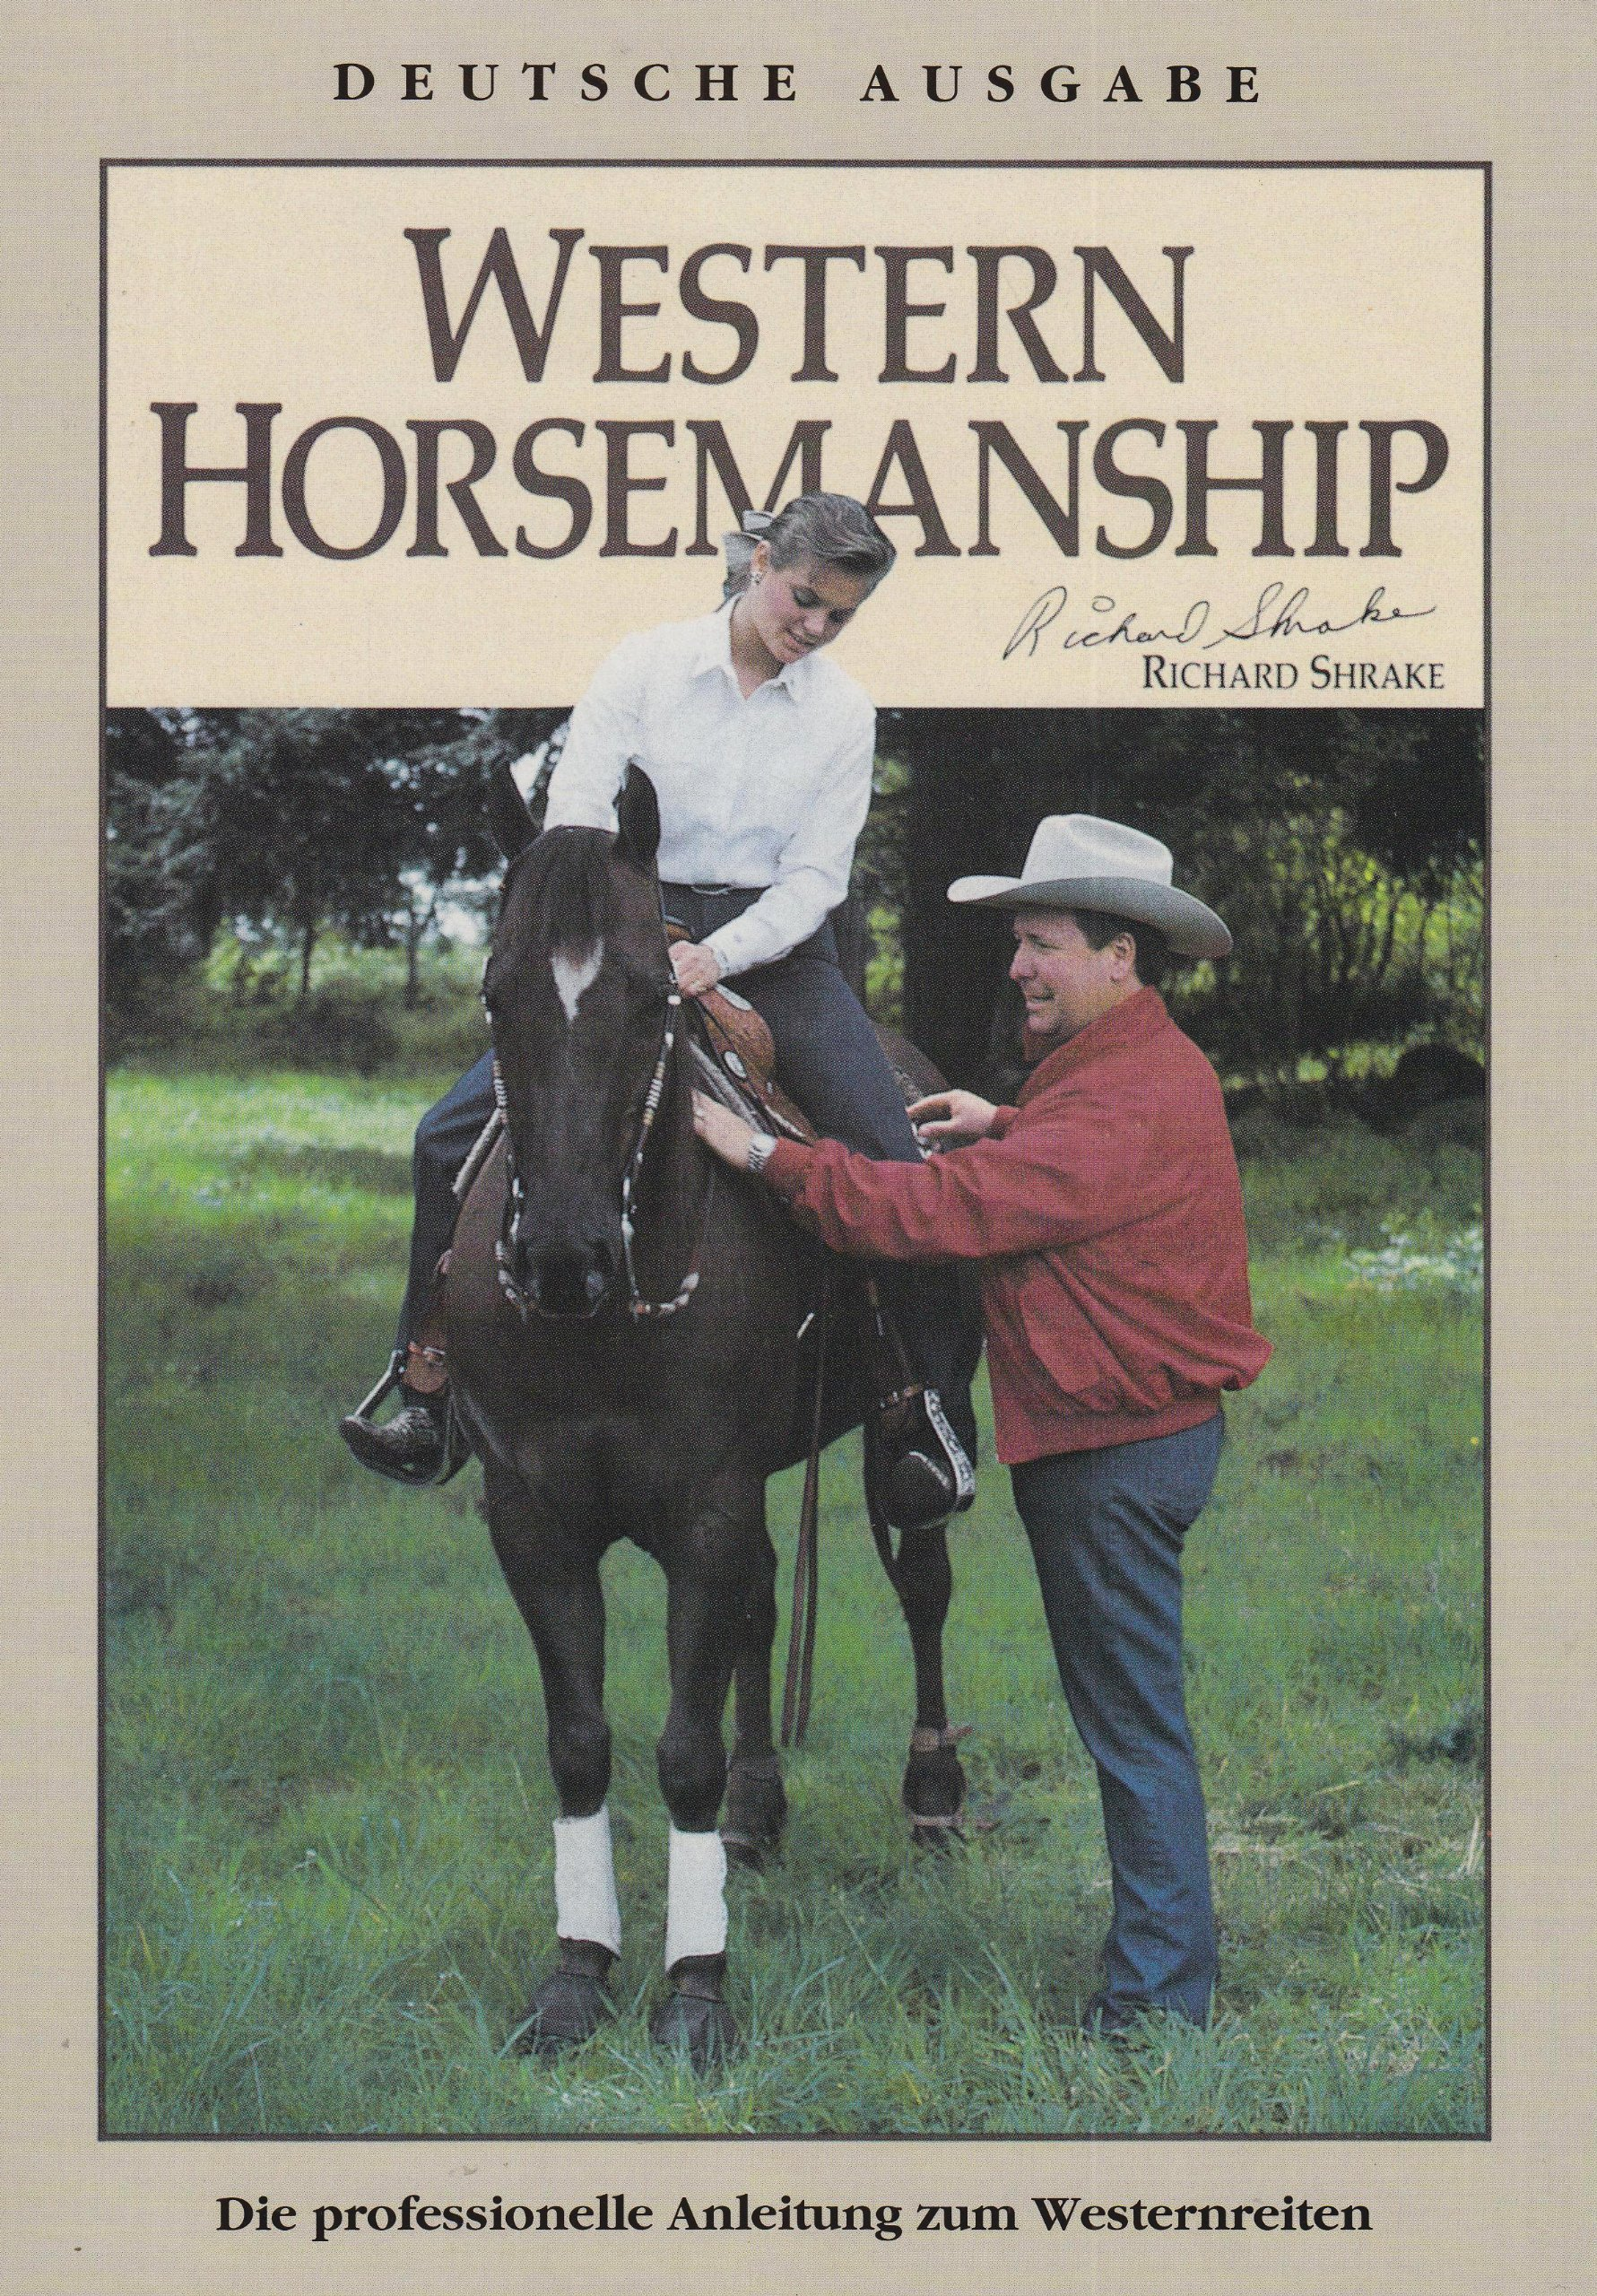 Western Horsemanship: Die professionelle Anleitung zum Westernreiten